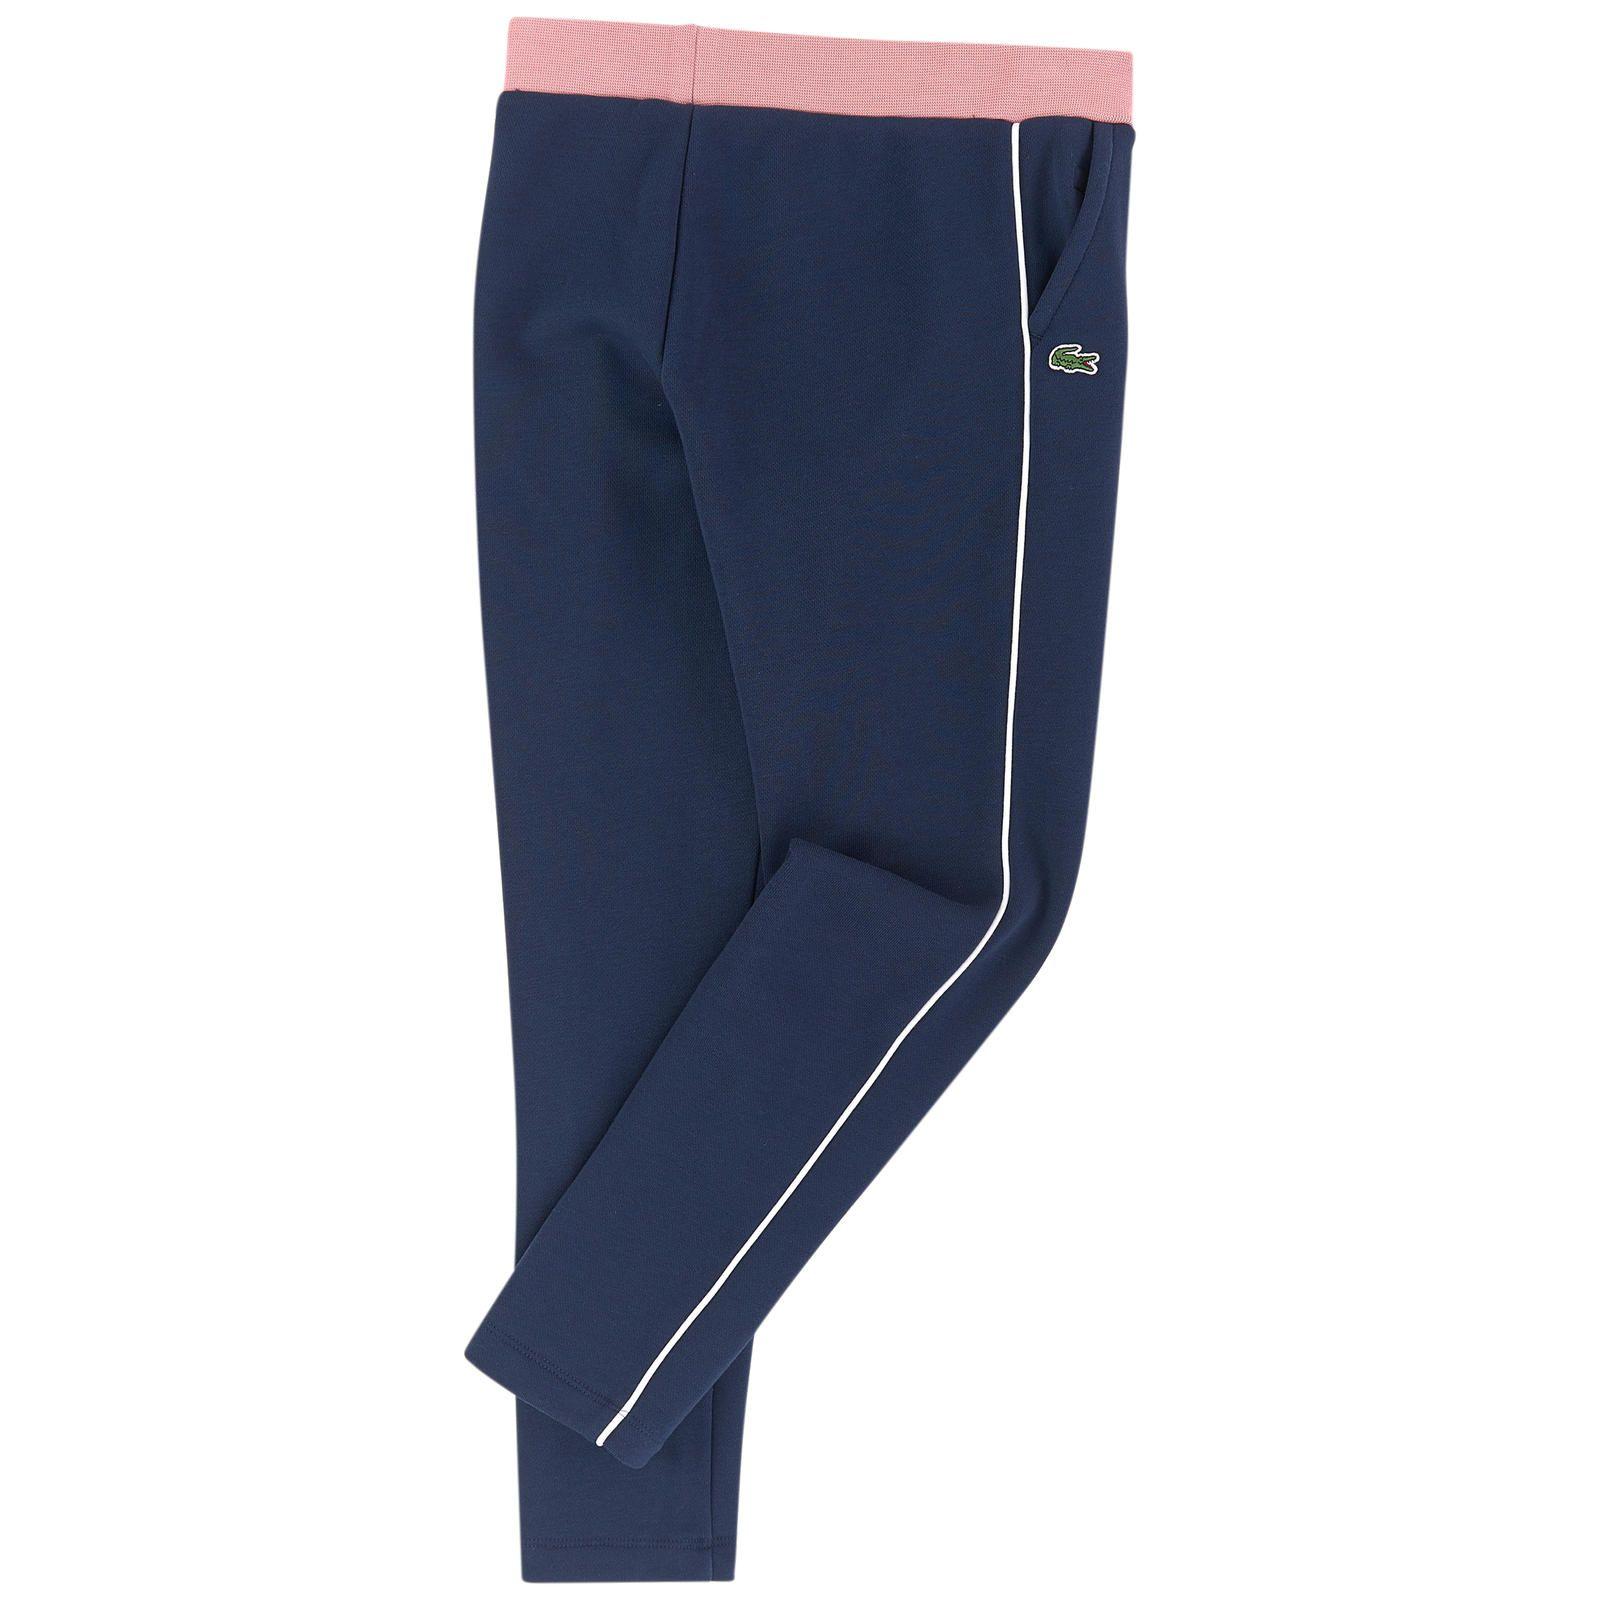 Pantalon de jogging Lacoste pour fille |